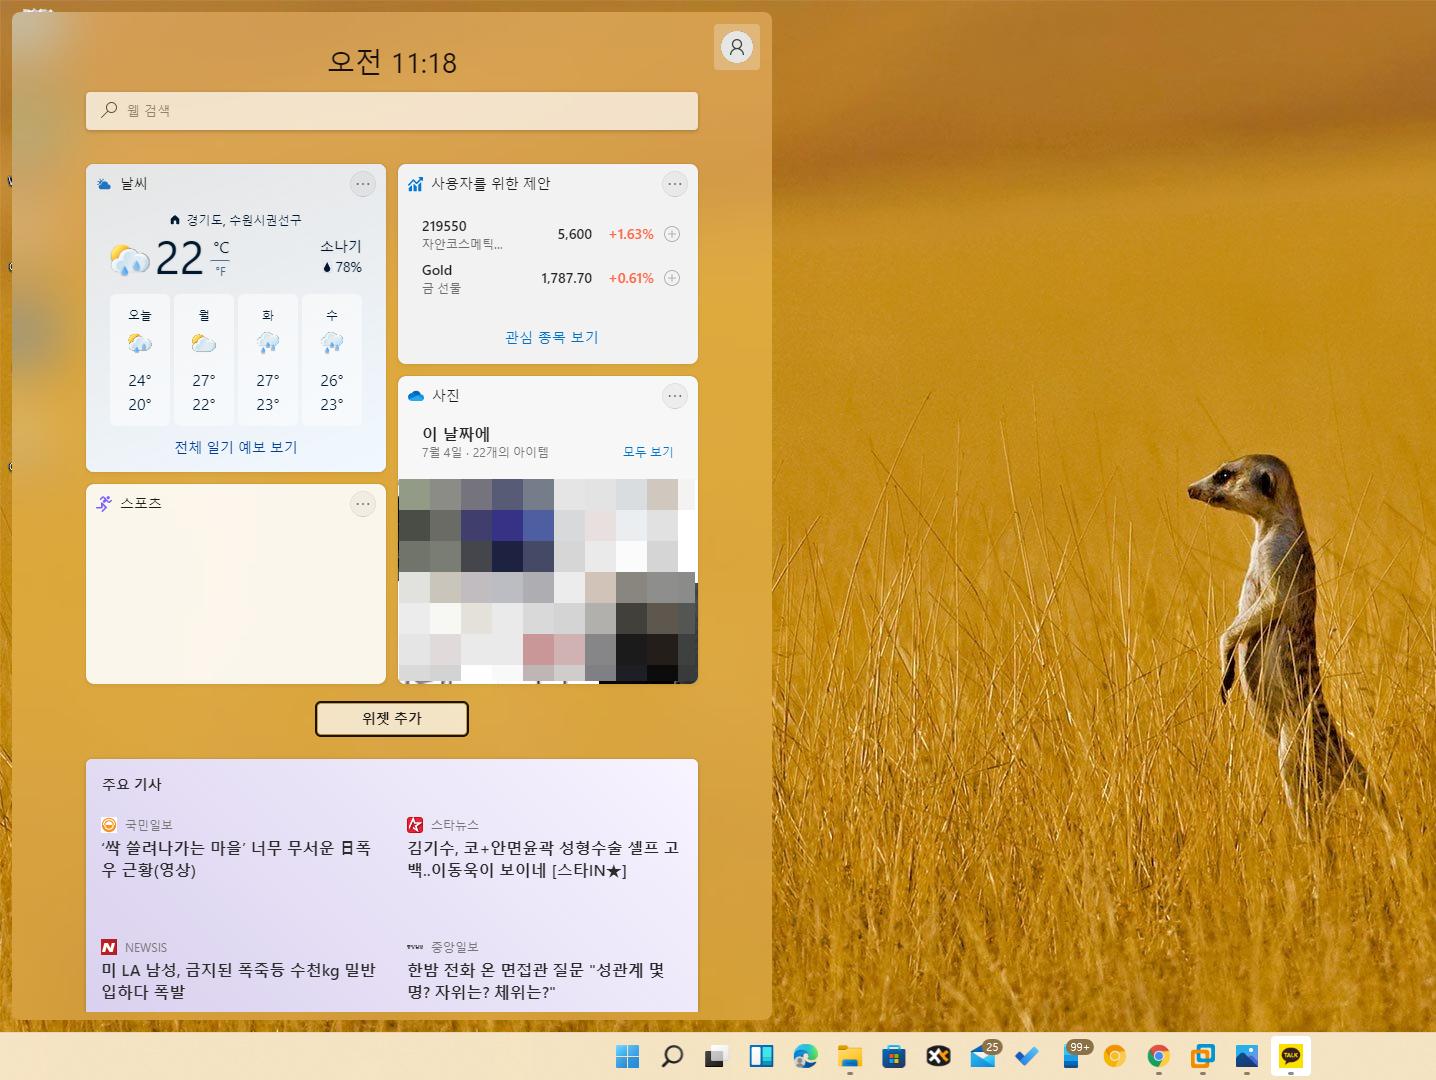 윈도우11 공식 배포판 캡처5